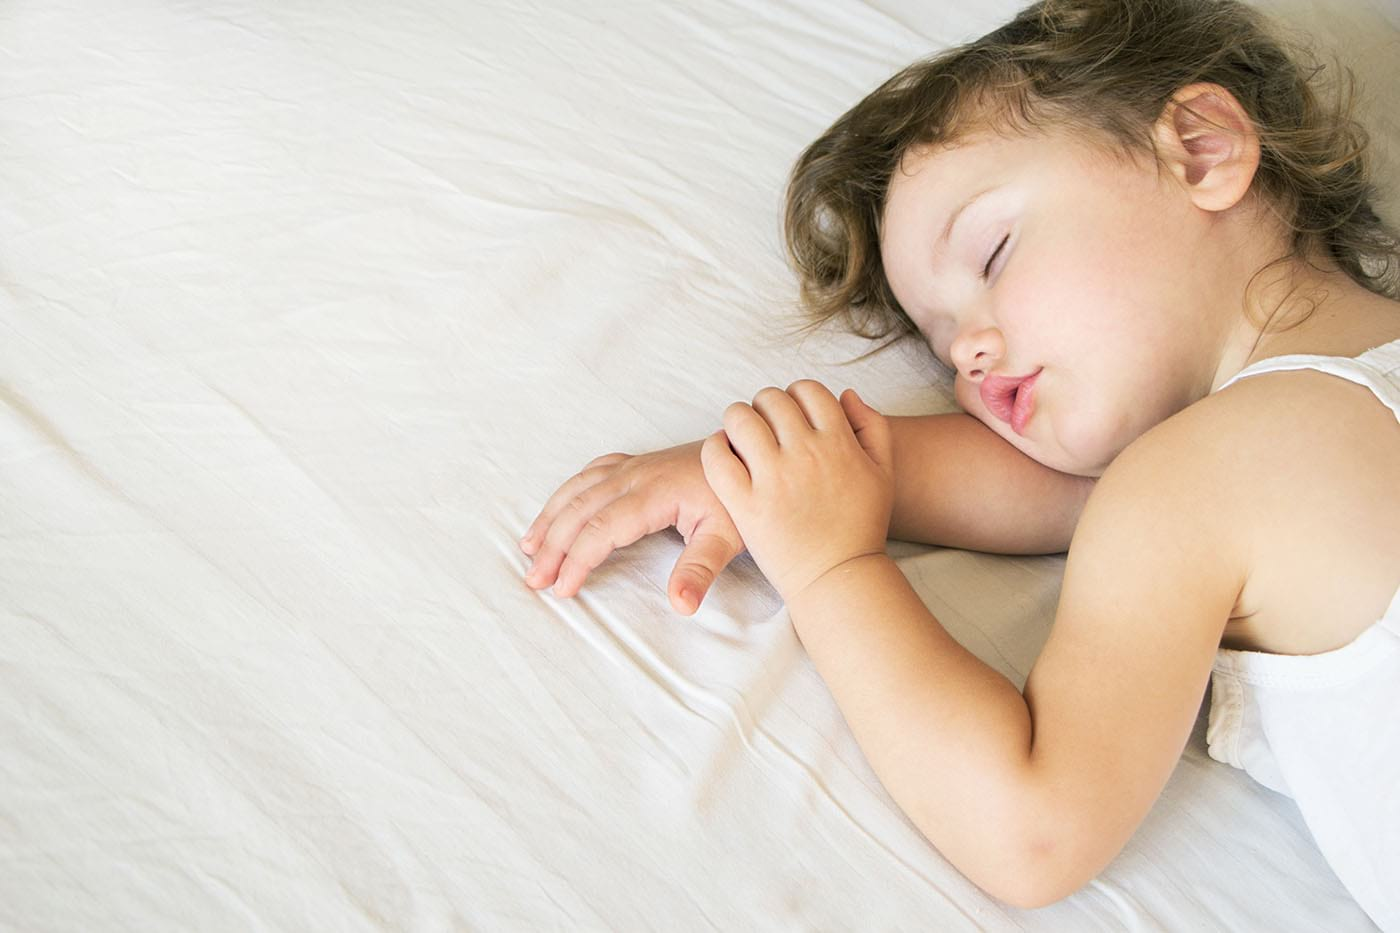 Somnul copiilor: când renunță cei mici la somnul de după-amiază?